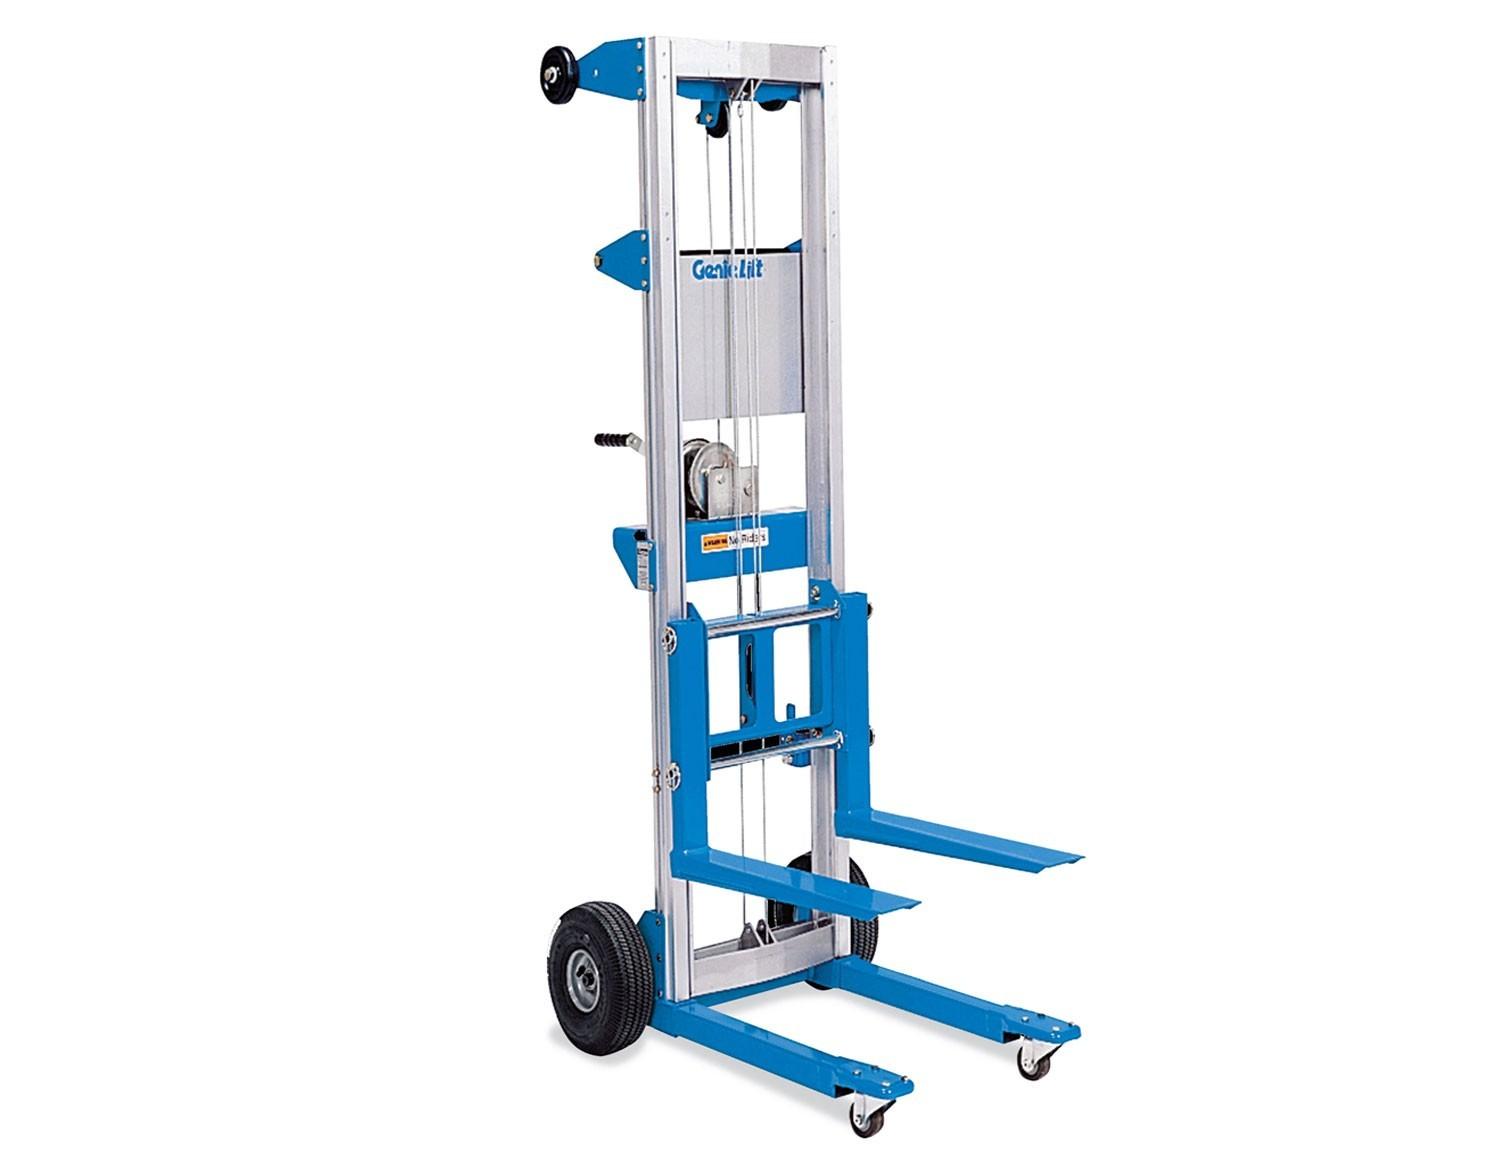 Alquiler de elevador manual de material 4 0 m 159 kg - Carretillas manuales precios ...